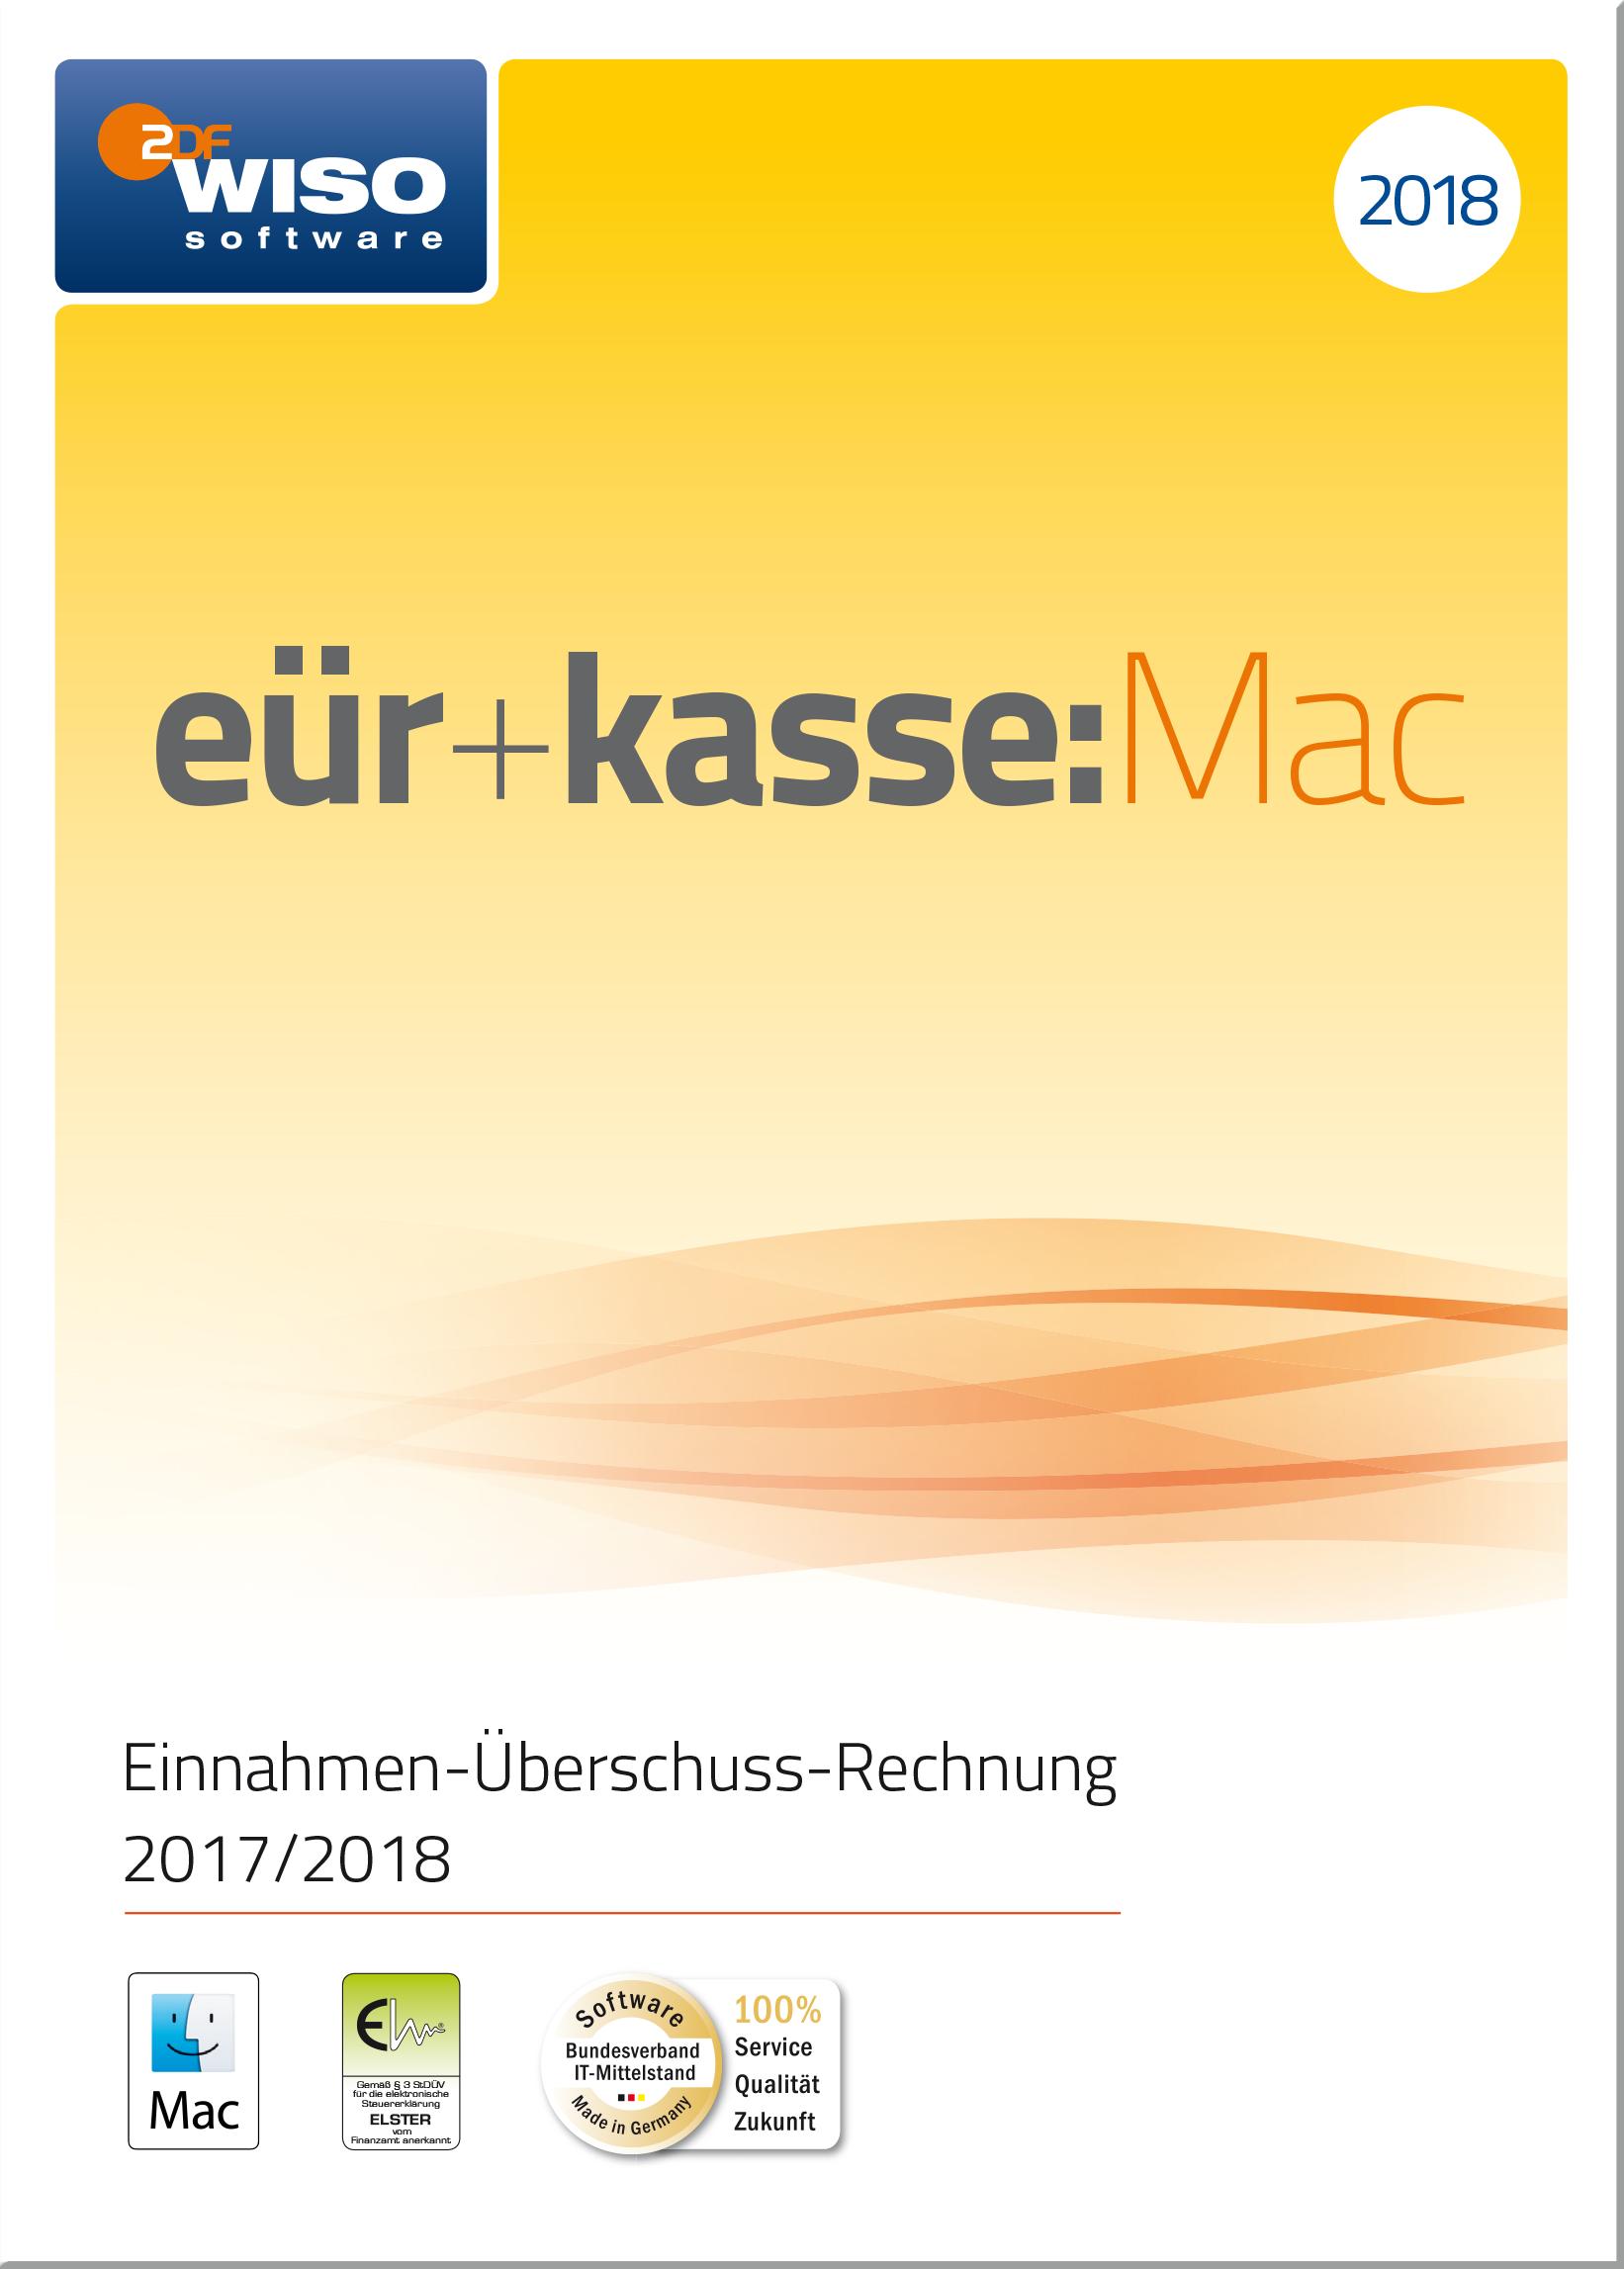 WISO eür+kasse:Mac 2018: Für die Einnahmen-Überschuss-Rechnung 2017/2018 inkl. Gewerbe- und Umsatzsteuererklärung [Online Code]